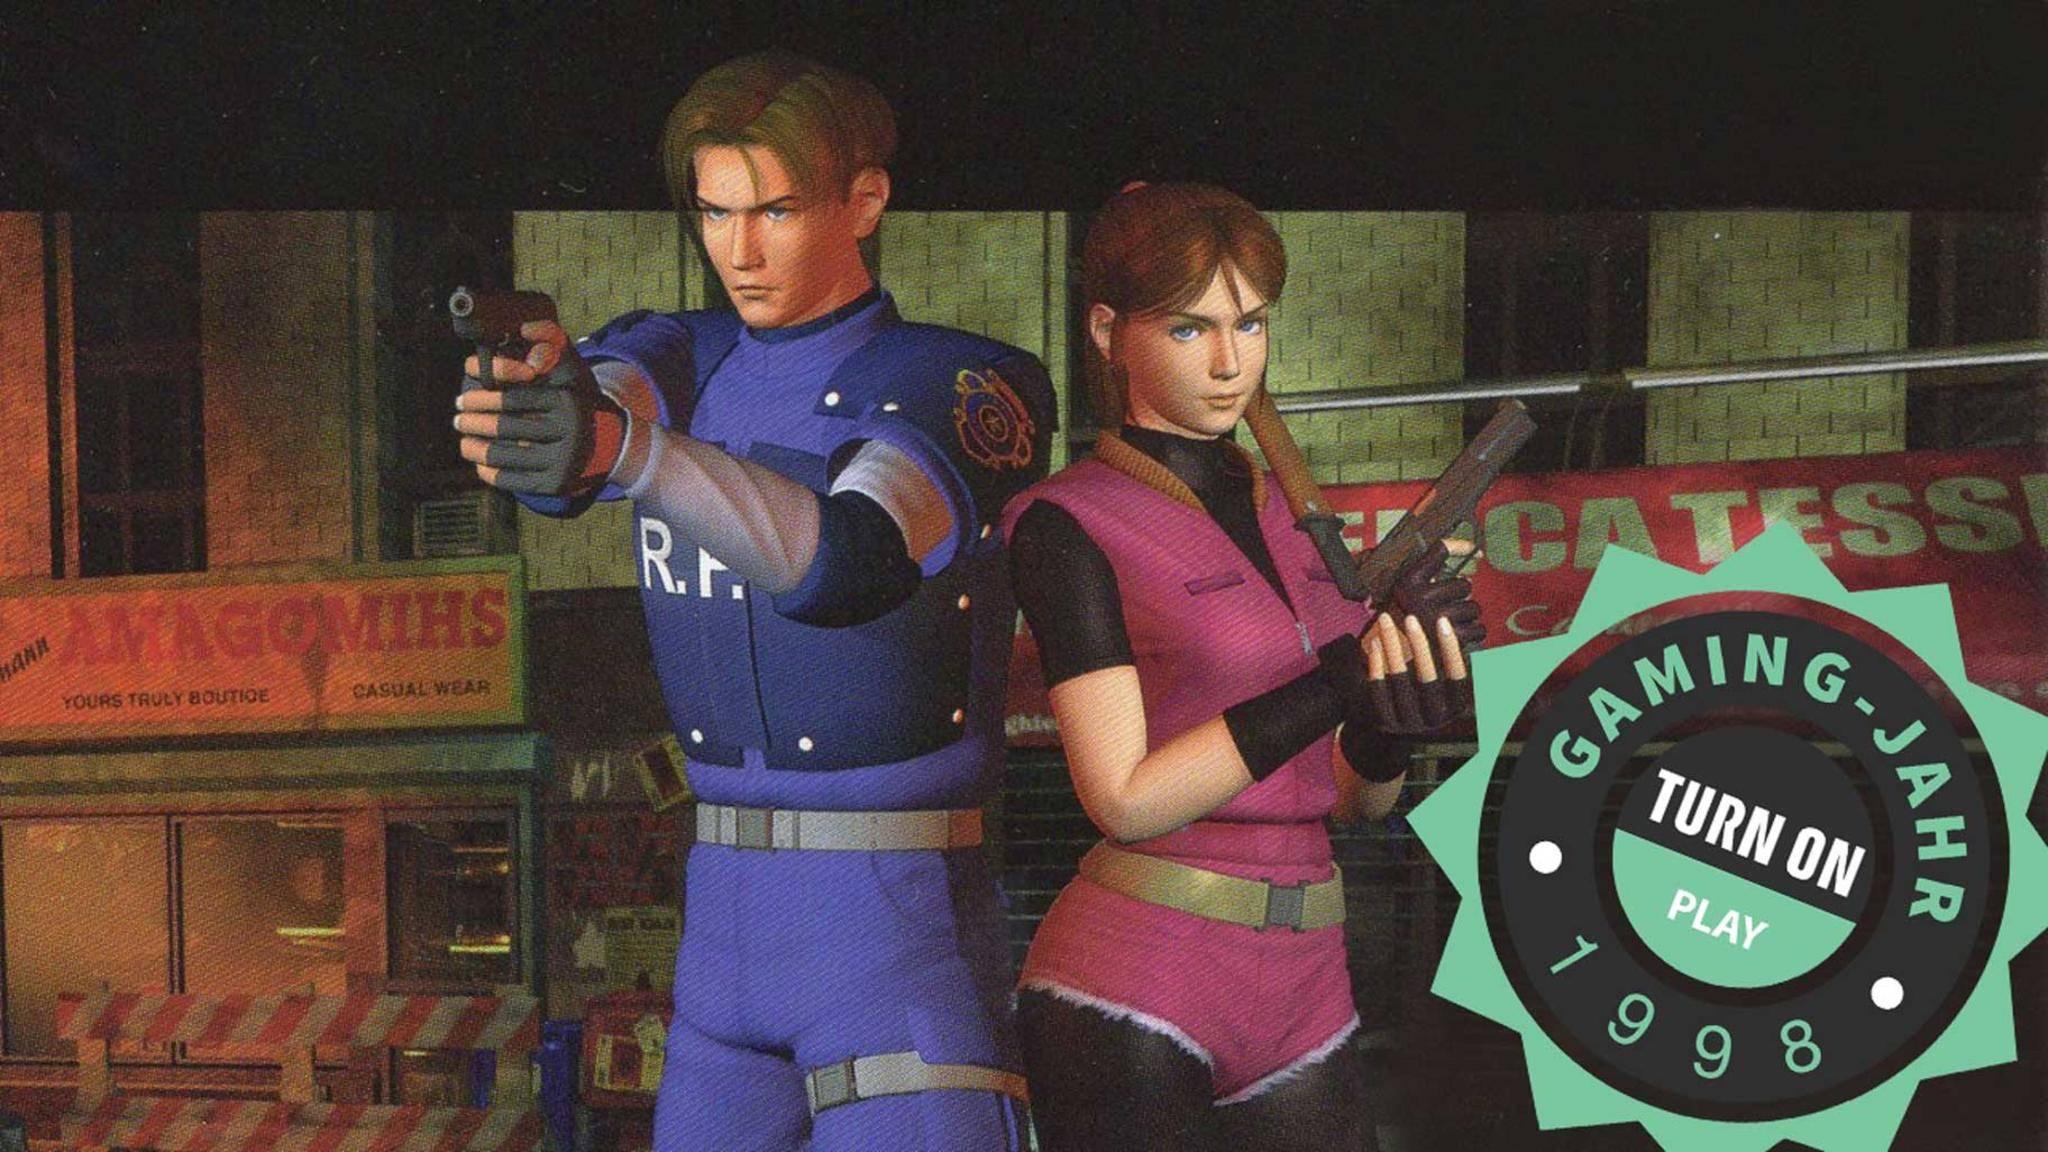 Das waren Zeiten 1998, als Rendermodelle die Cover von Blockbuster-Titeln zierten.